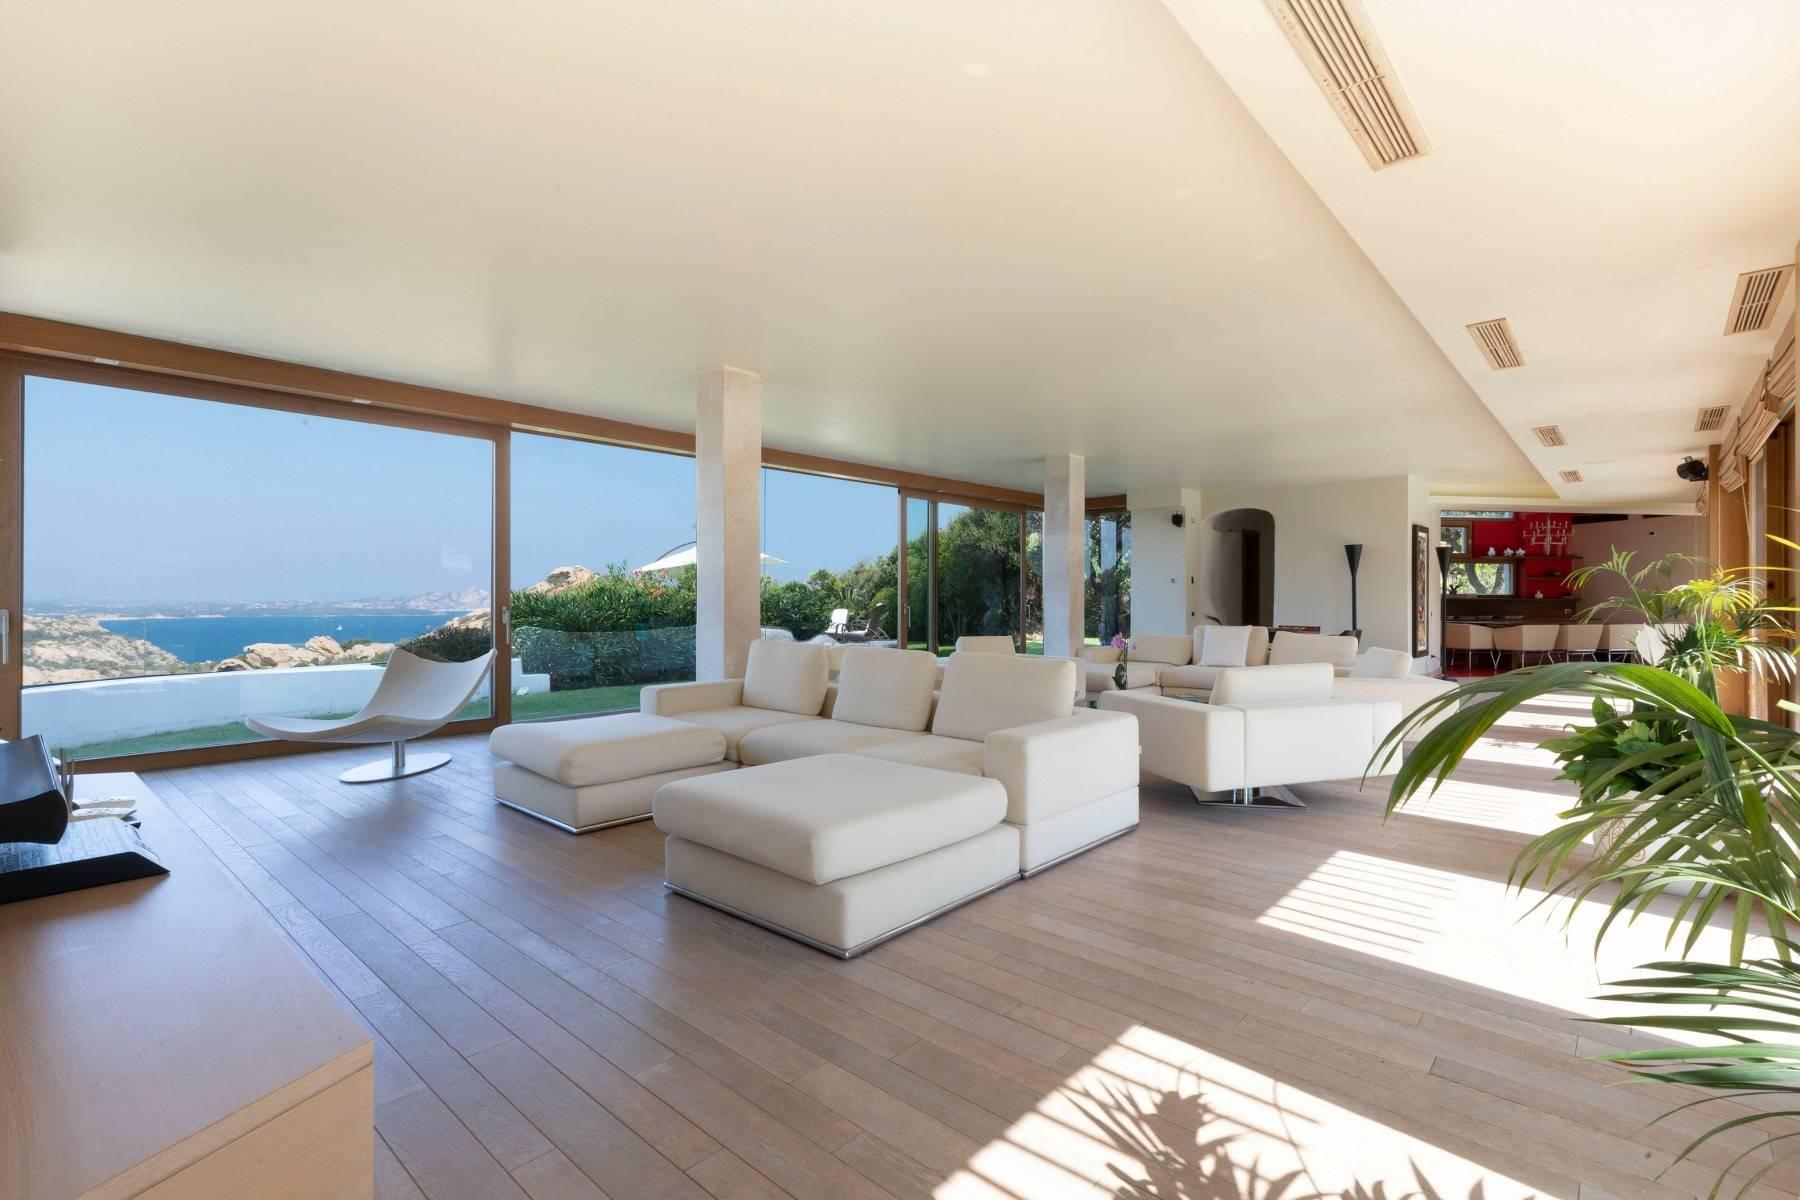 Charming villa in La Miata, Liscia di Vacca - 1